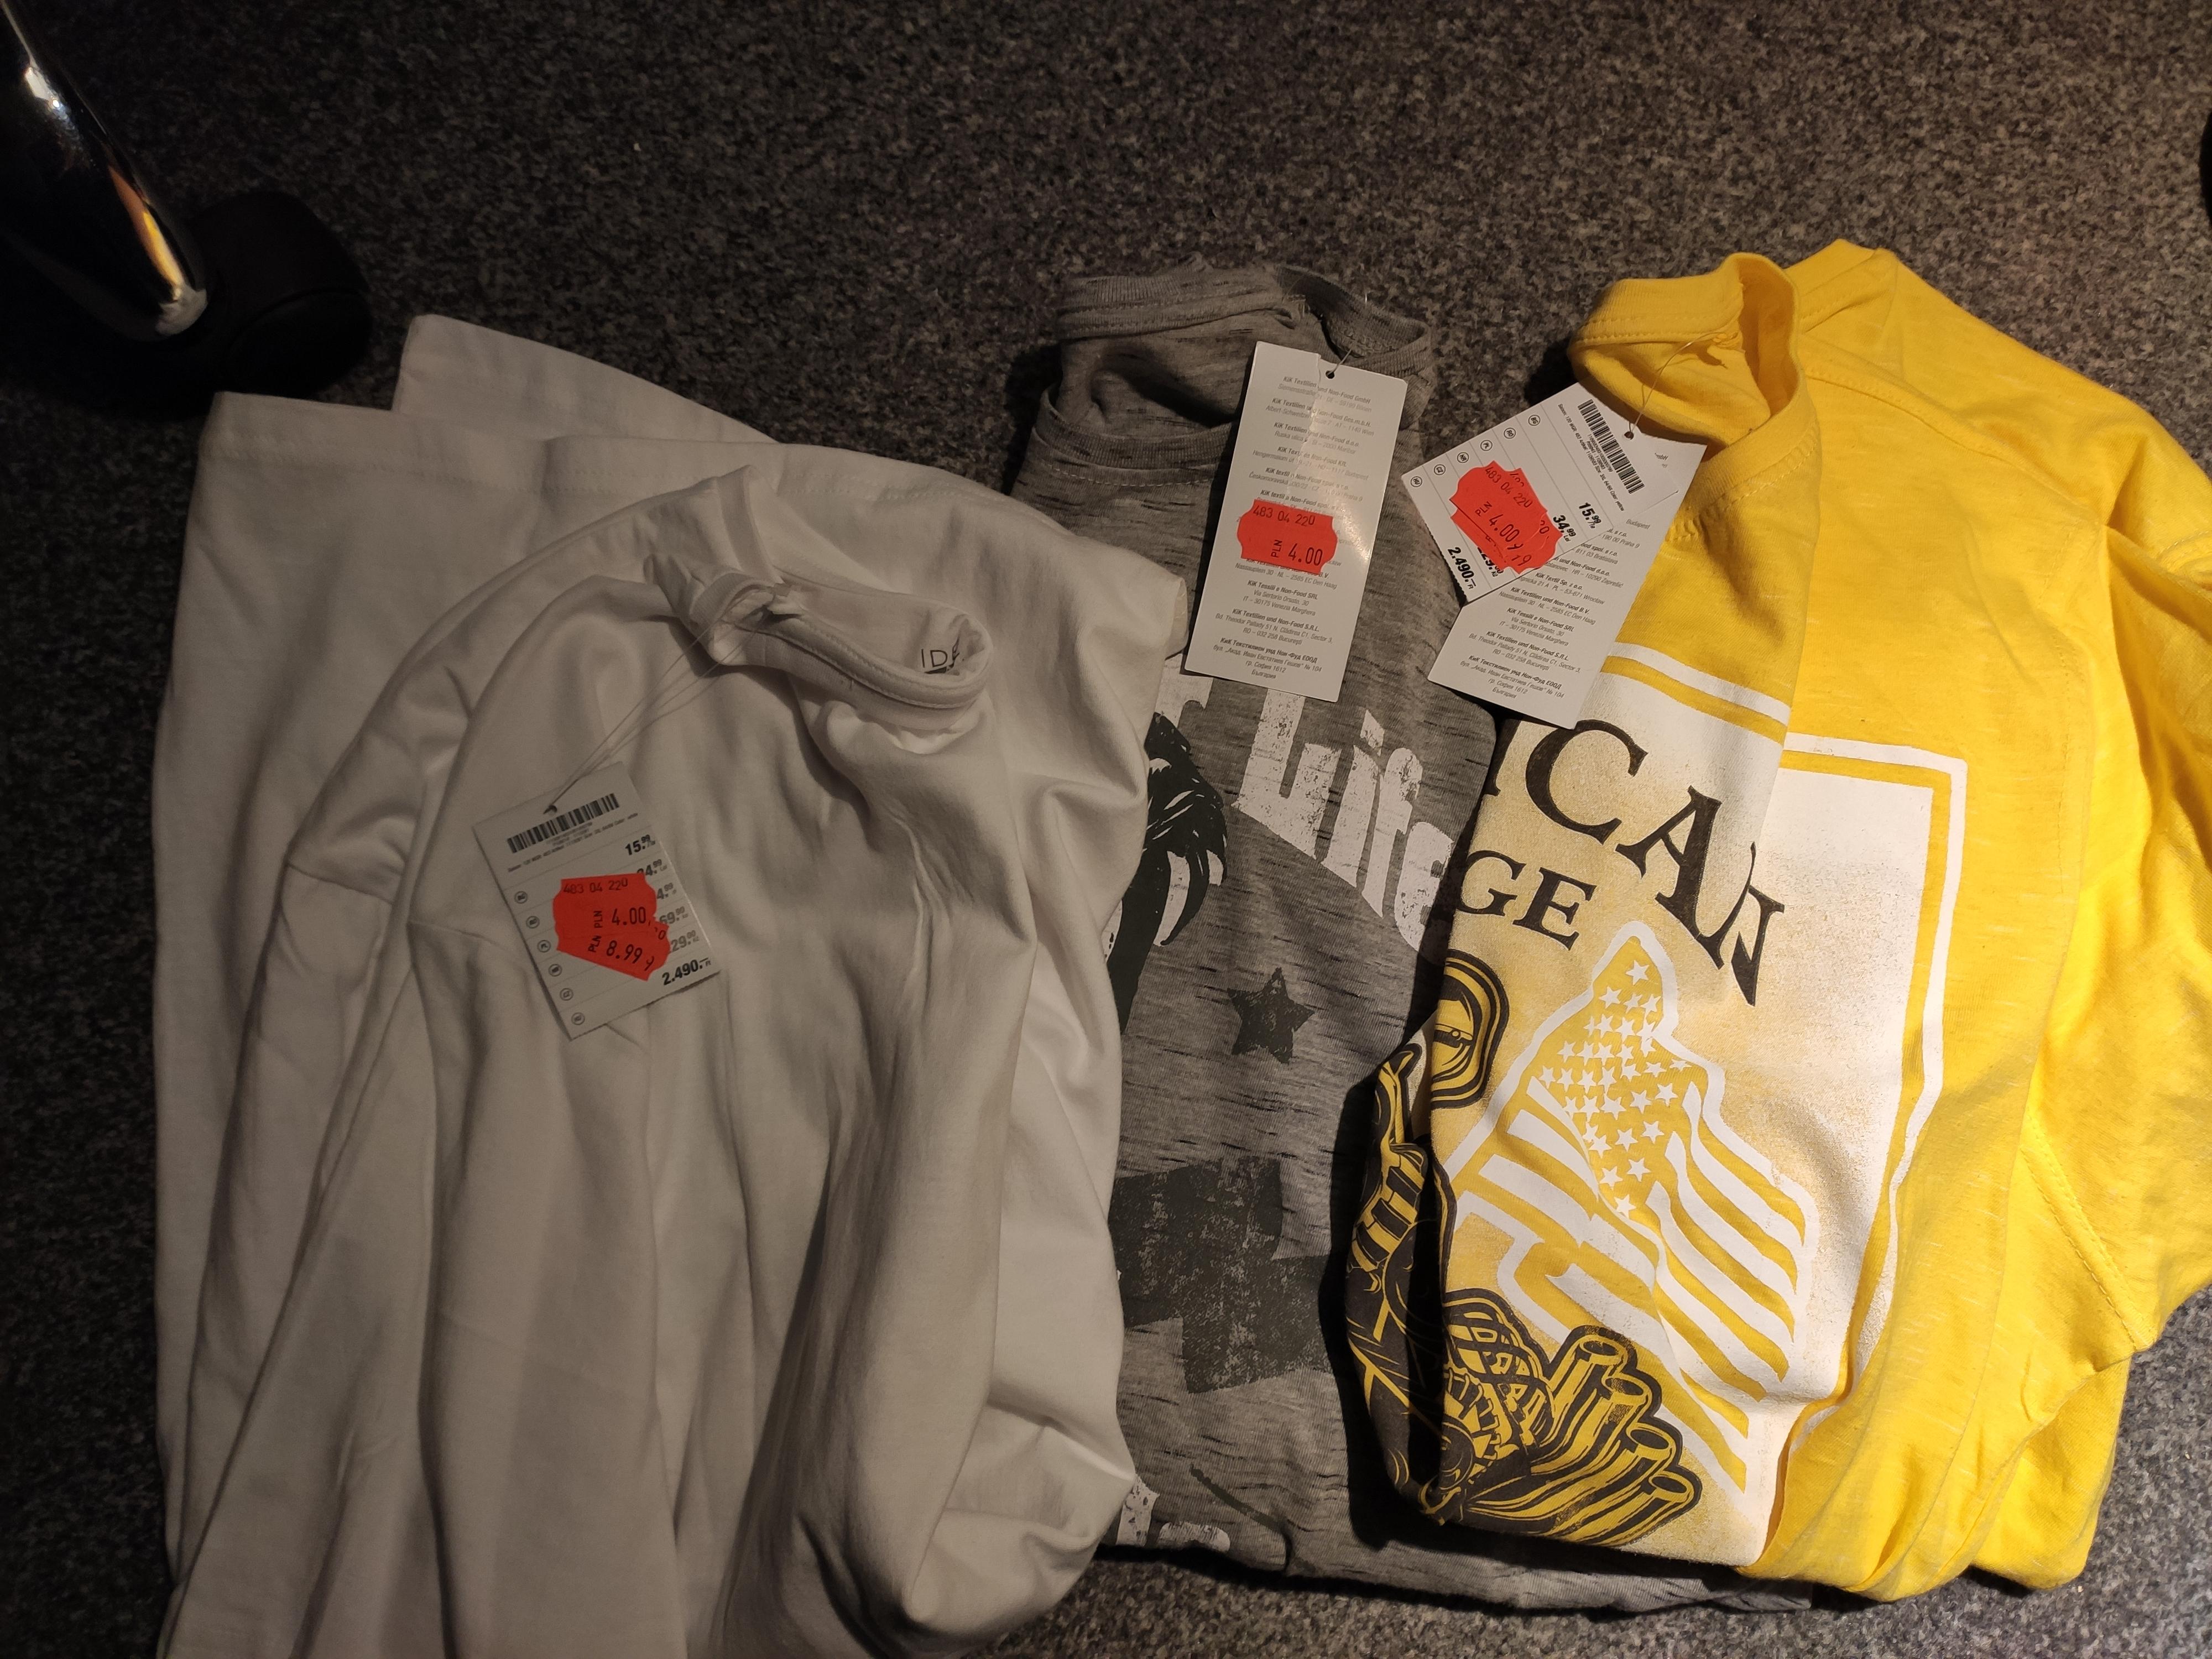 Promocje KiK Textil (Kurtki, Koszulki, Spodnie) Meskie Damskie